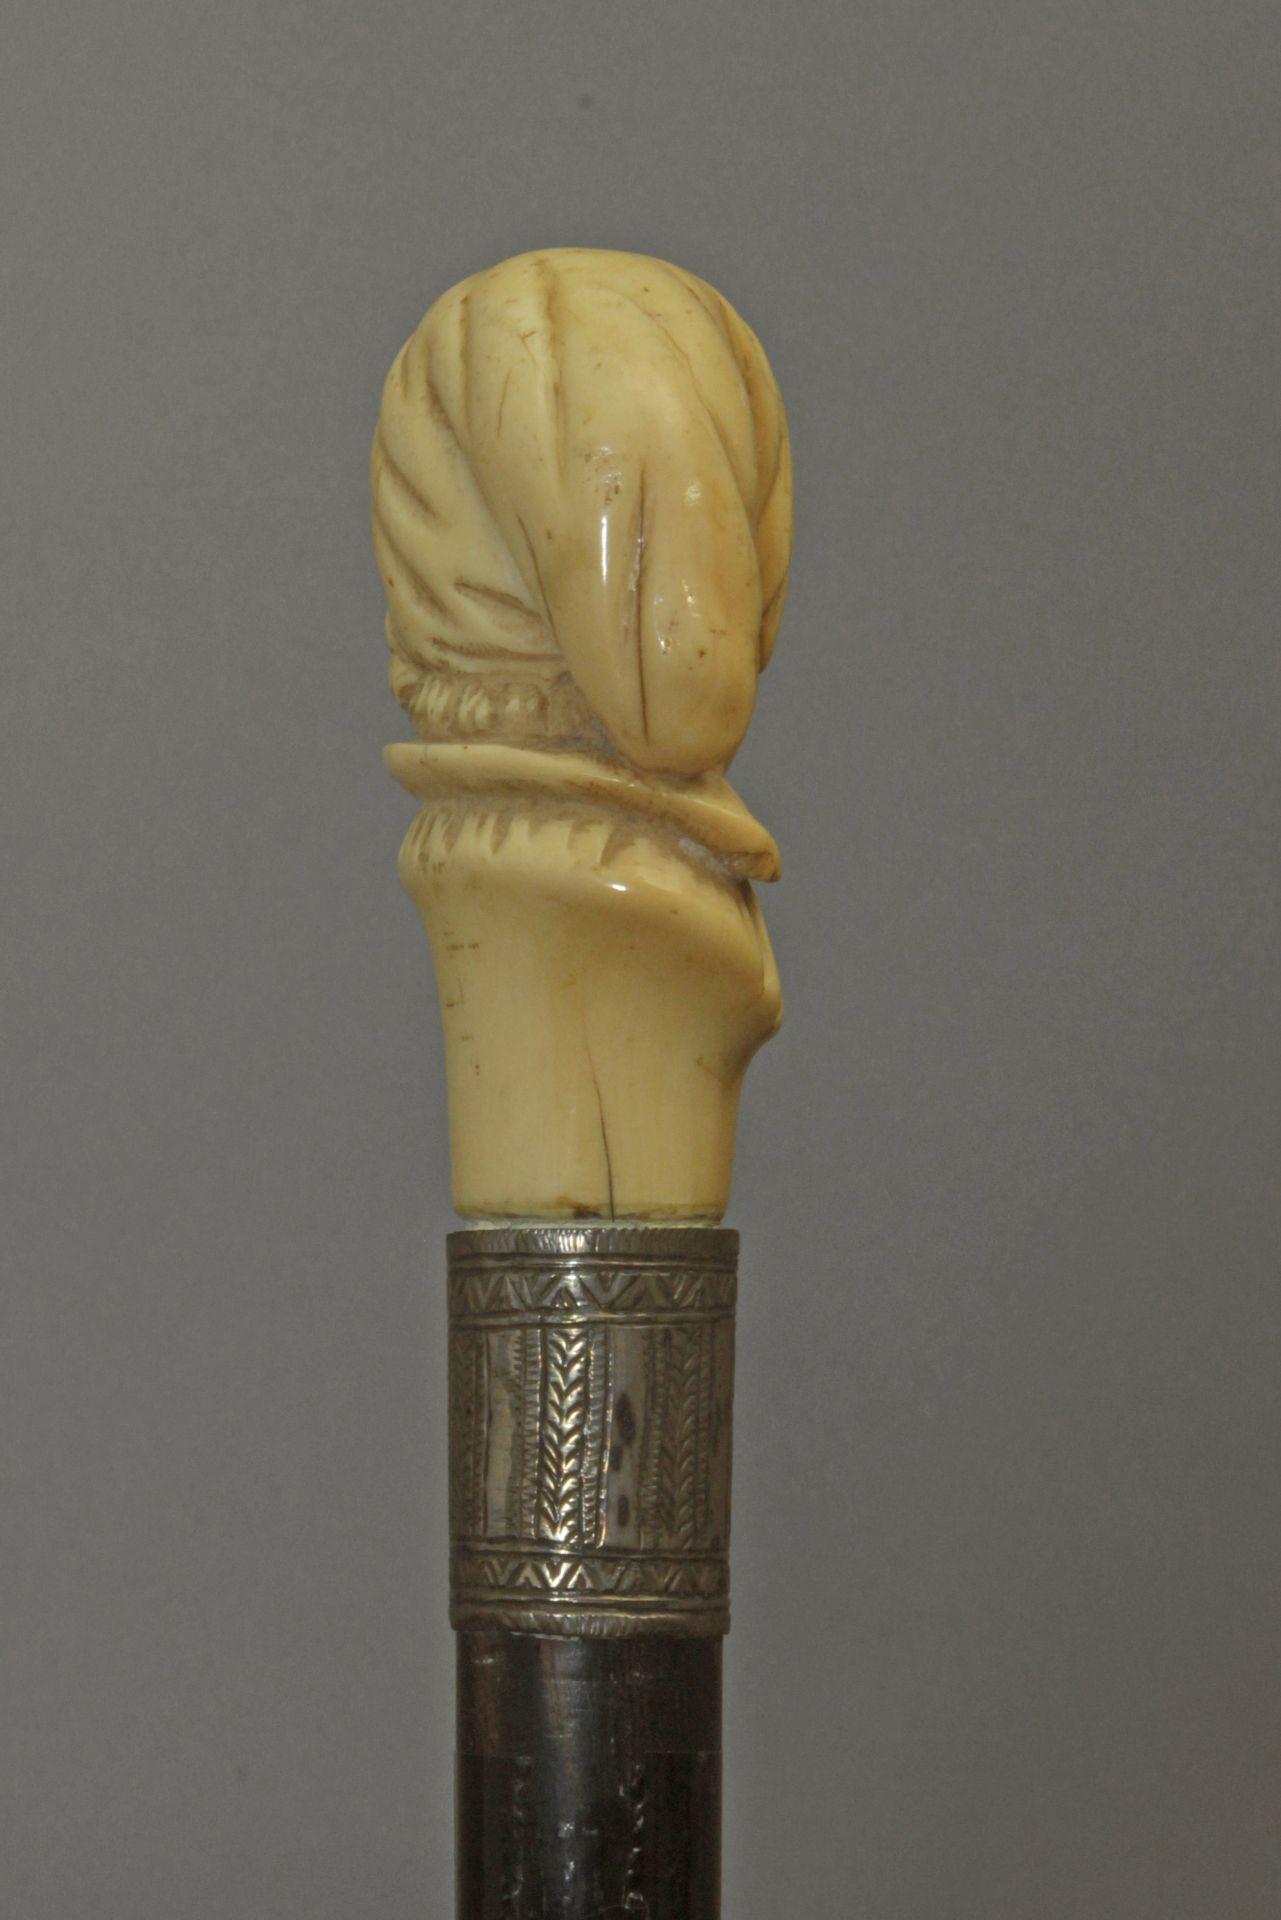 A 19th century walking stick - Bild 5 aus 6